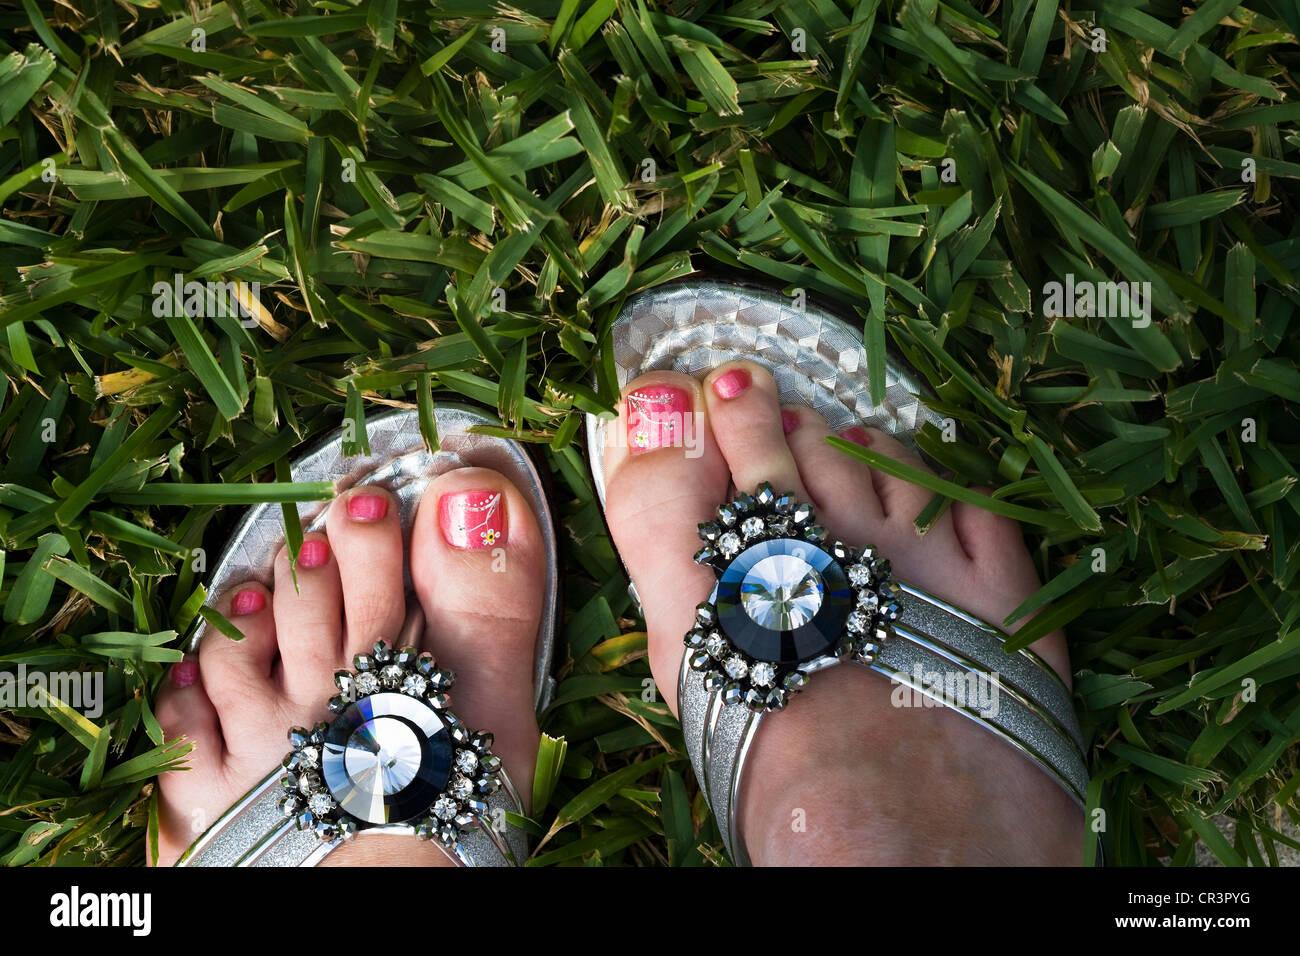 Handbemalte Blumen auf lackierten Zehennägeln und ...